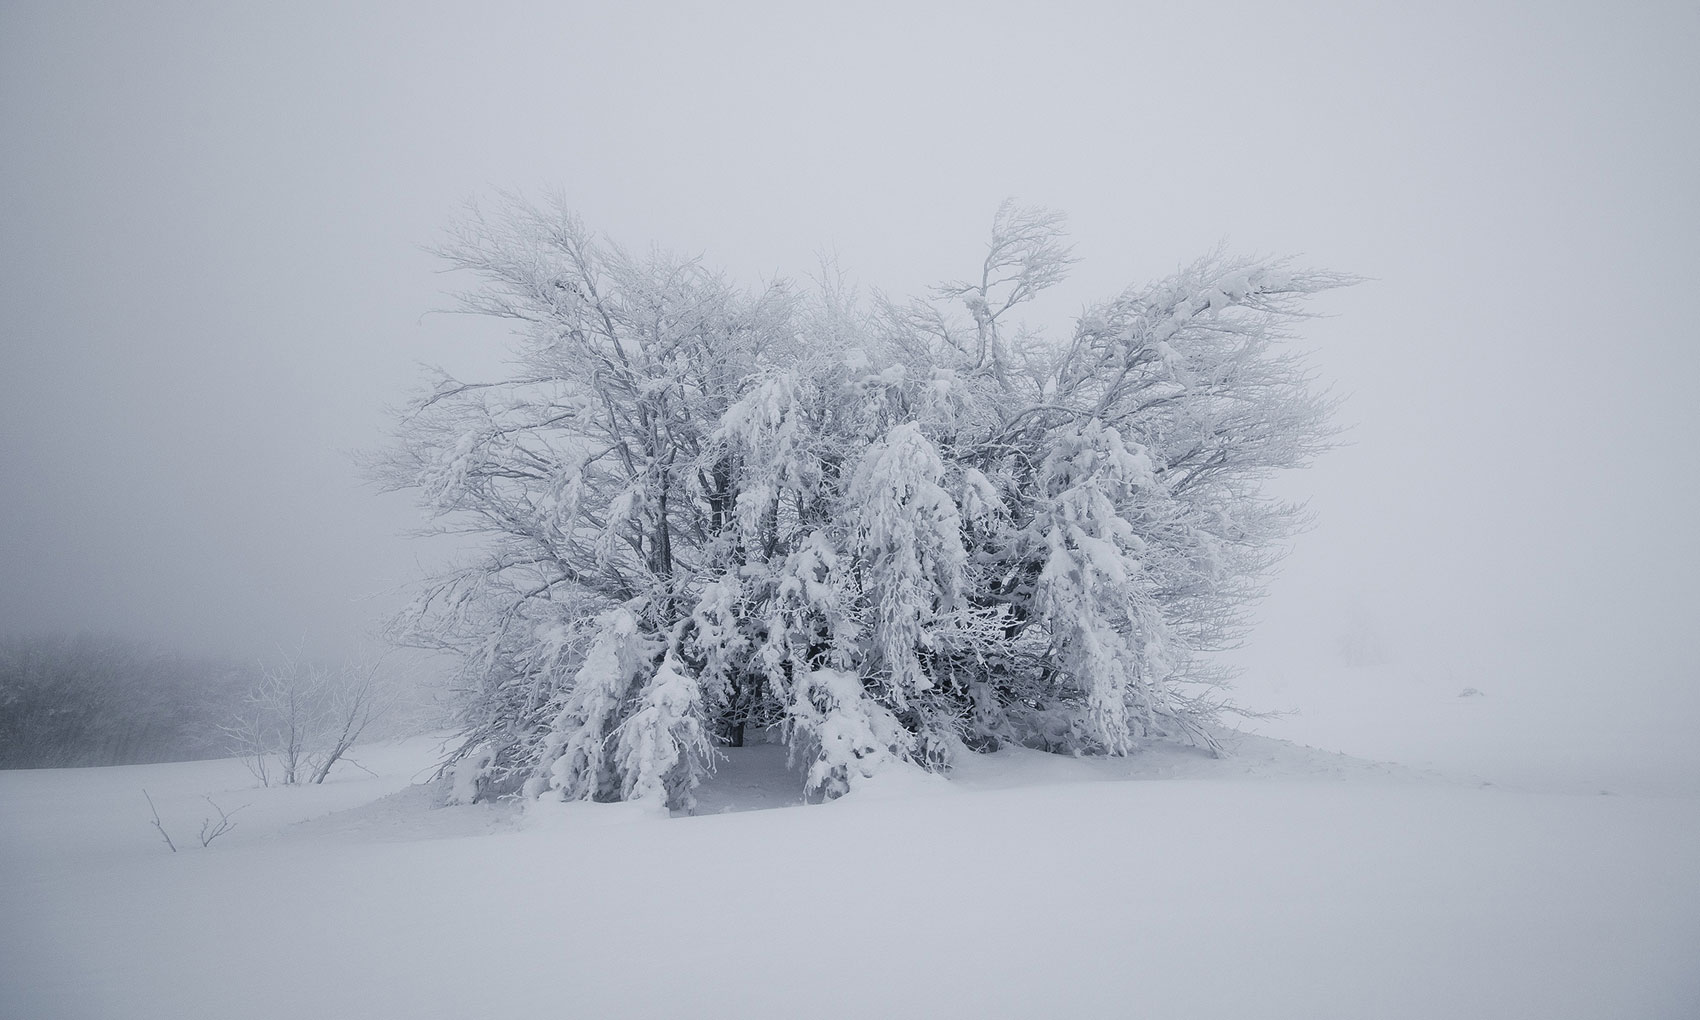 vosges-sous-la-neige-17